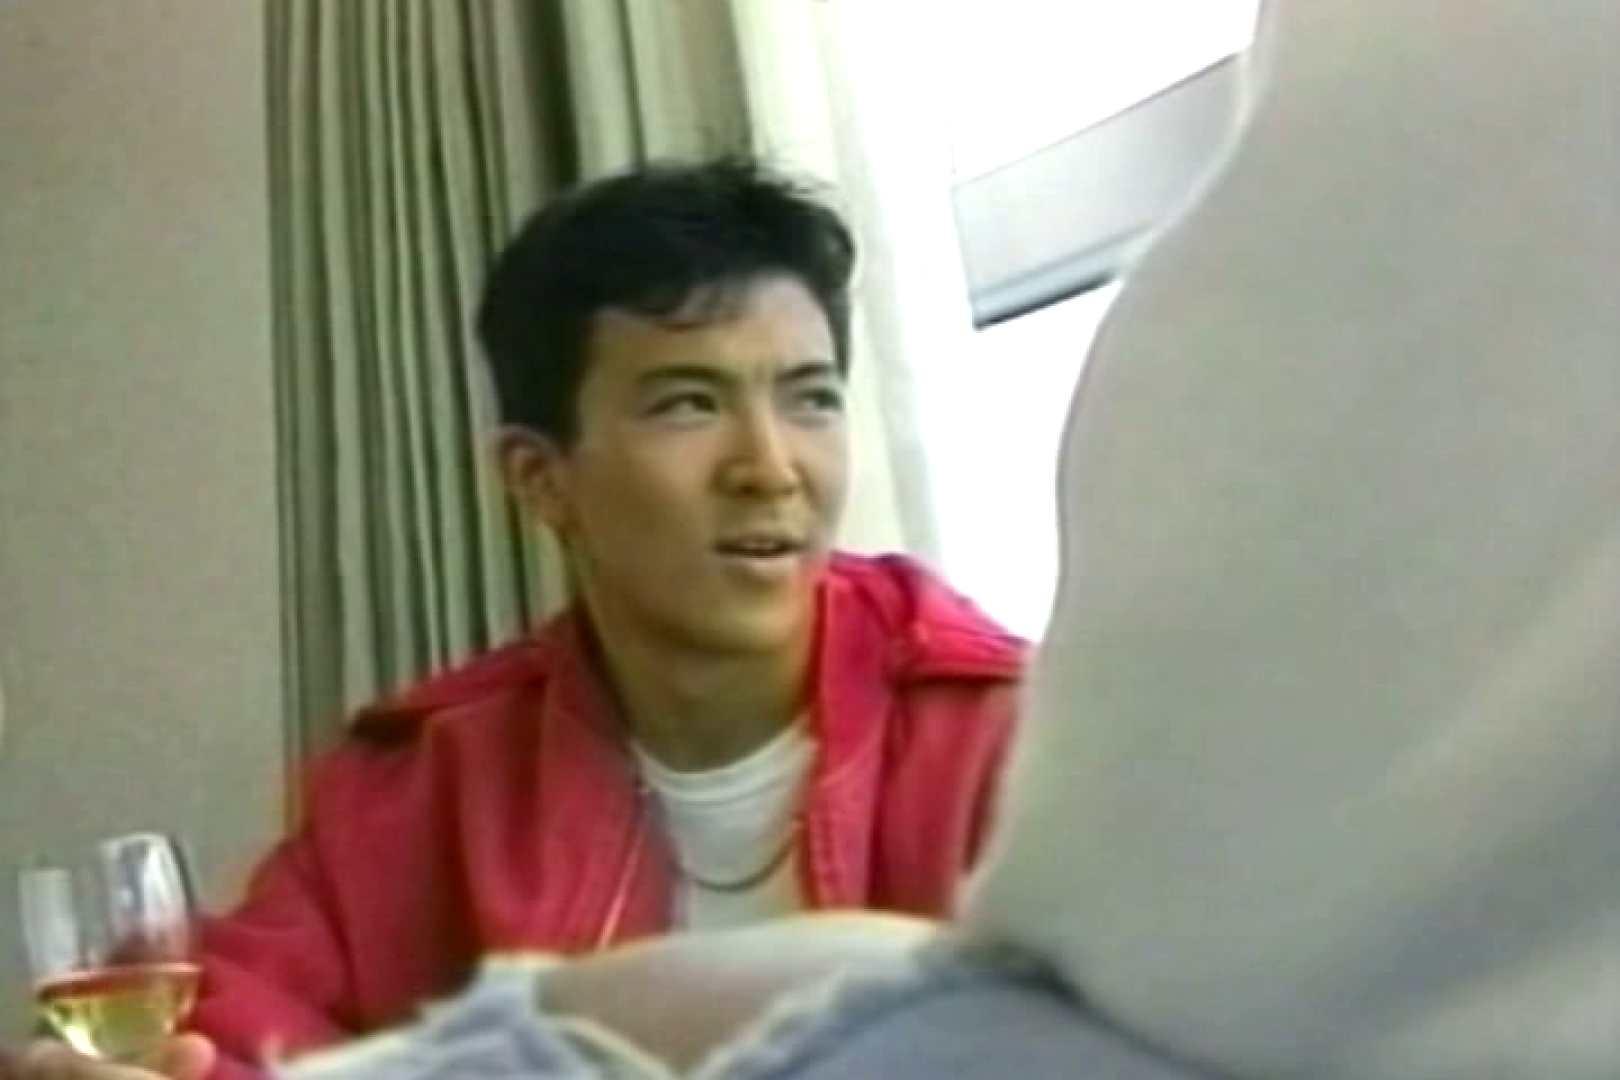 往年の名作 あの頃は若かった!Vol.01 モザイク無し ゲイエロ動画 77pic 22